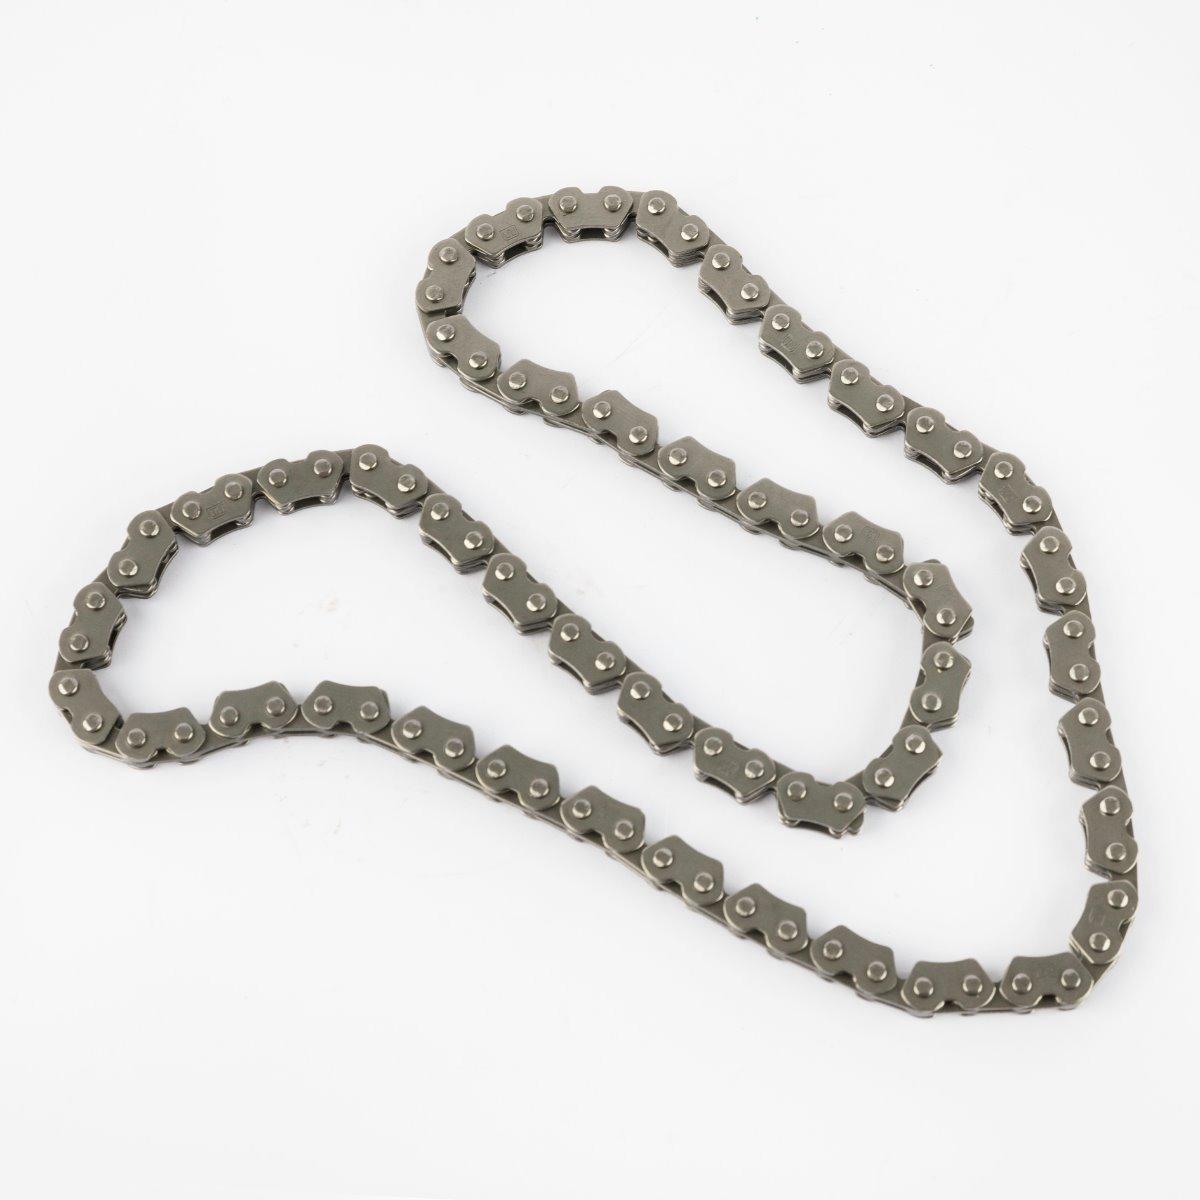 cadena distribucion okinoi 25H62L